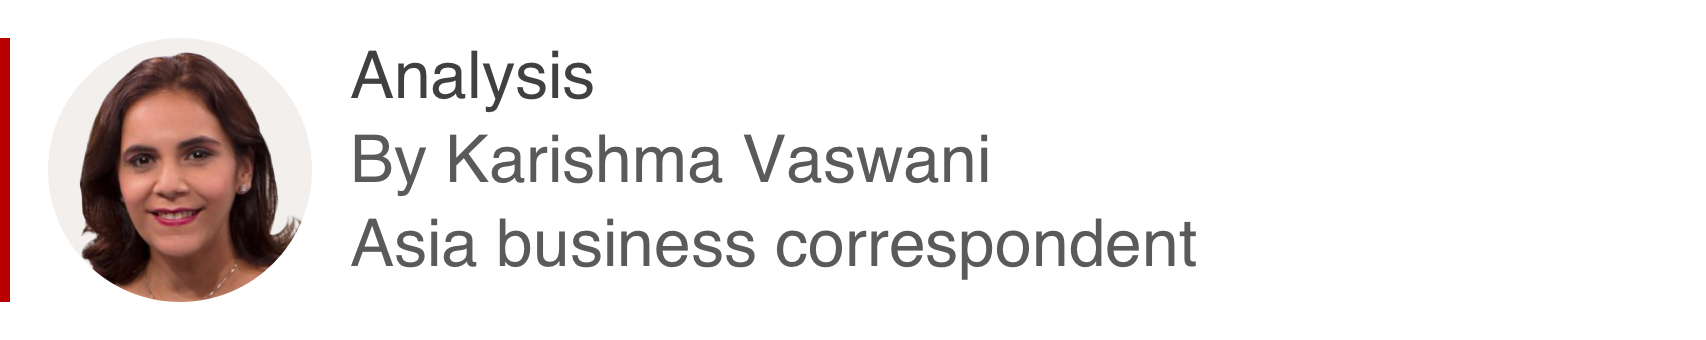 Analysis box by Karishma Vaswani, Asia business correspondent